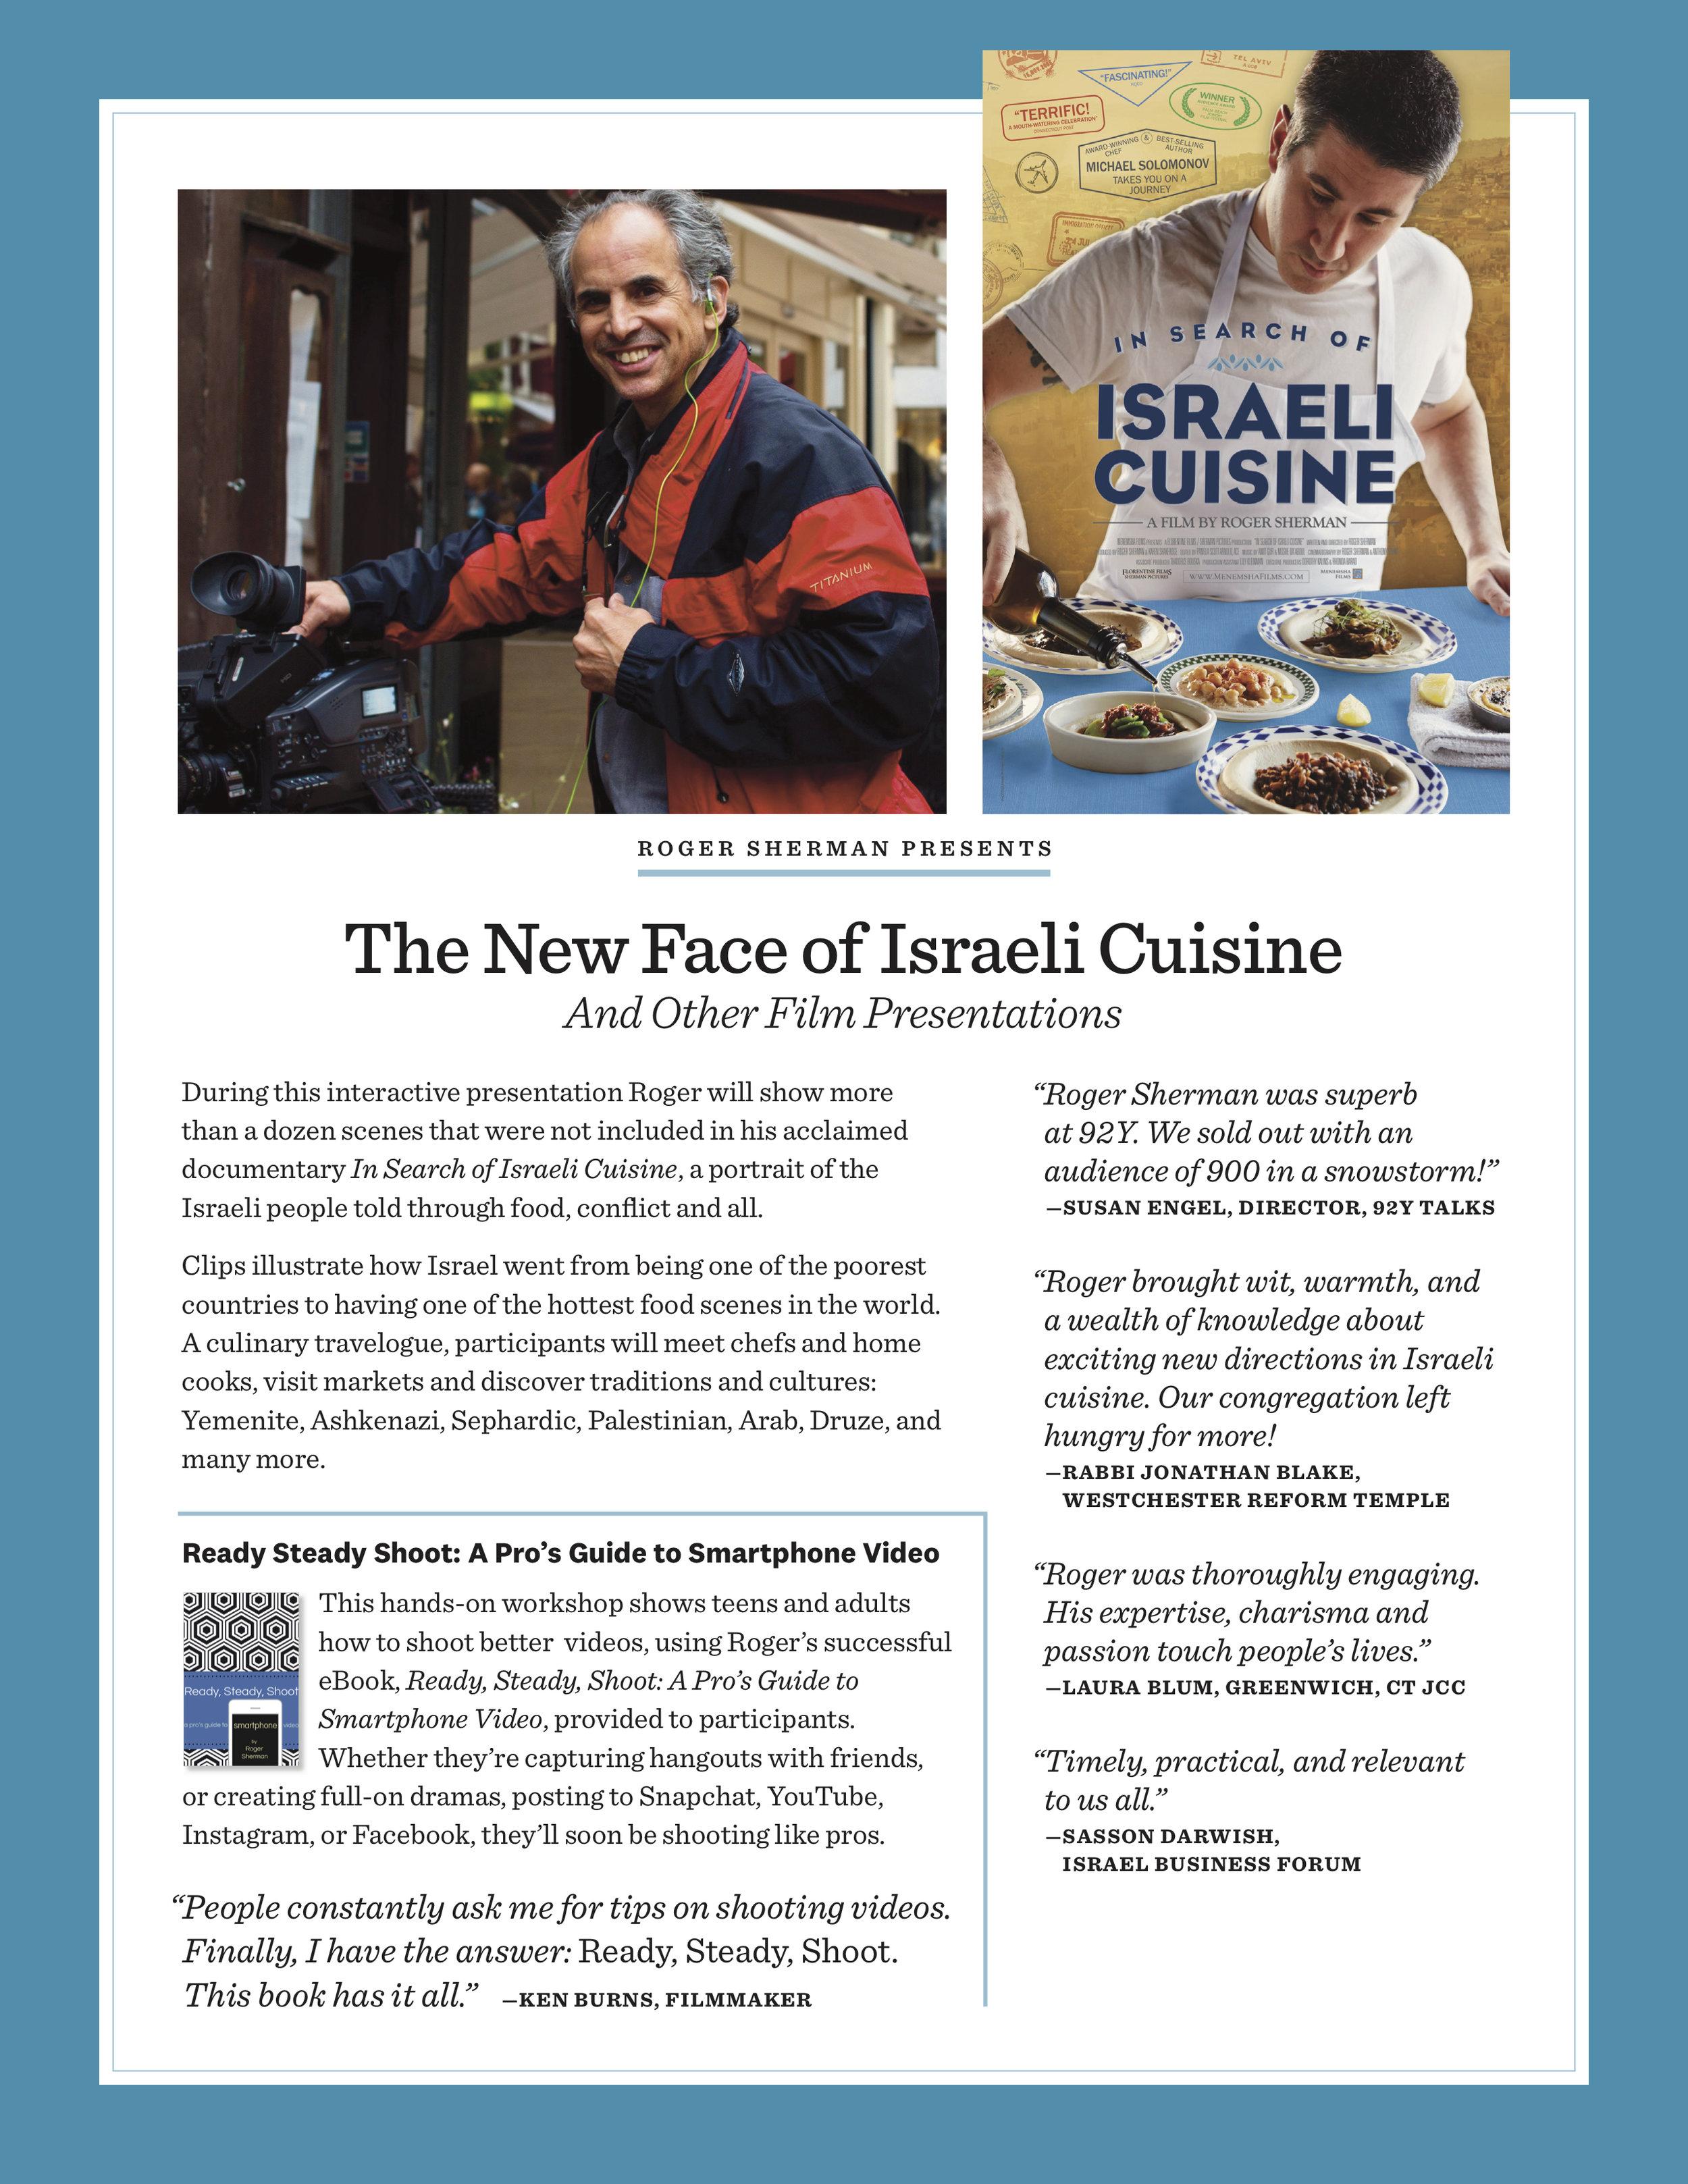 New Face of Israeli cuisine presentations.jpg